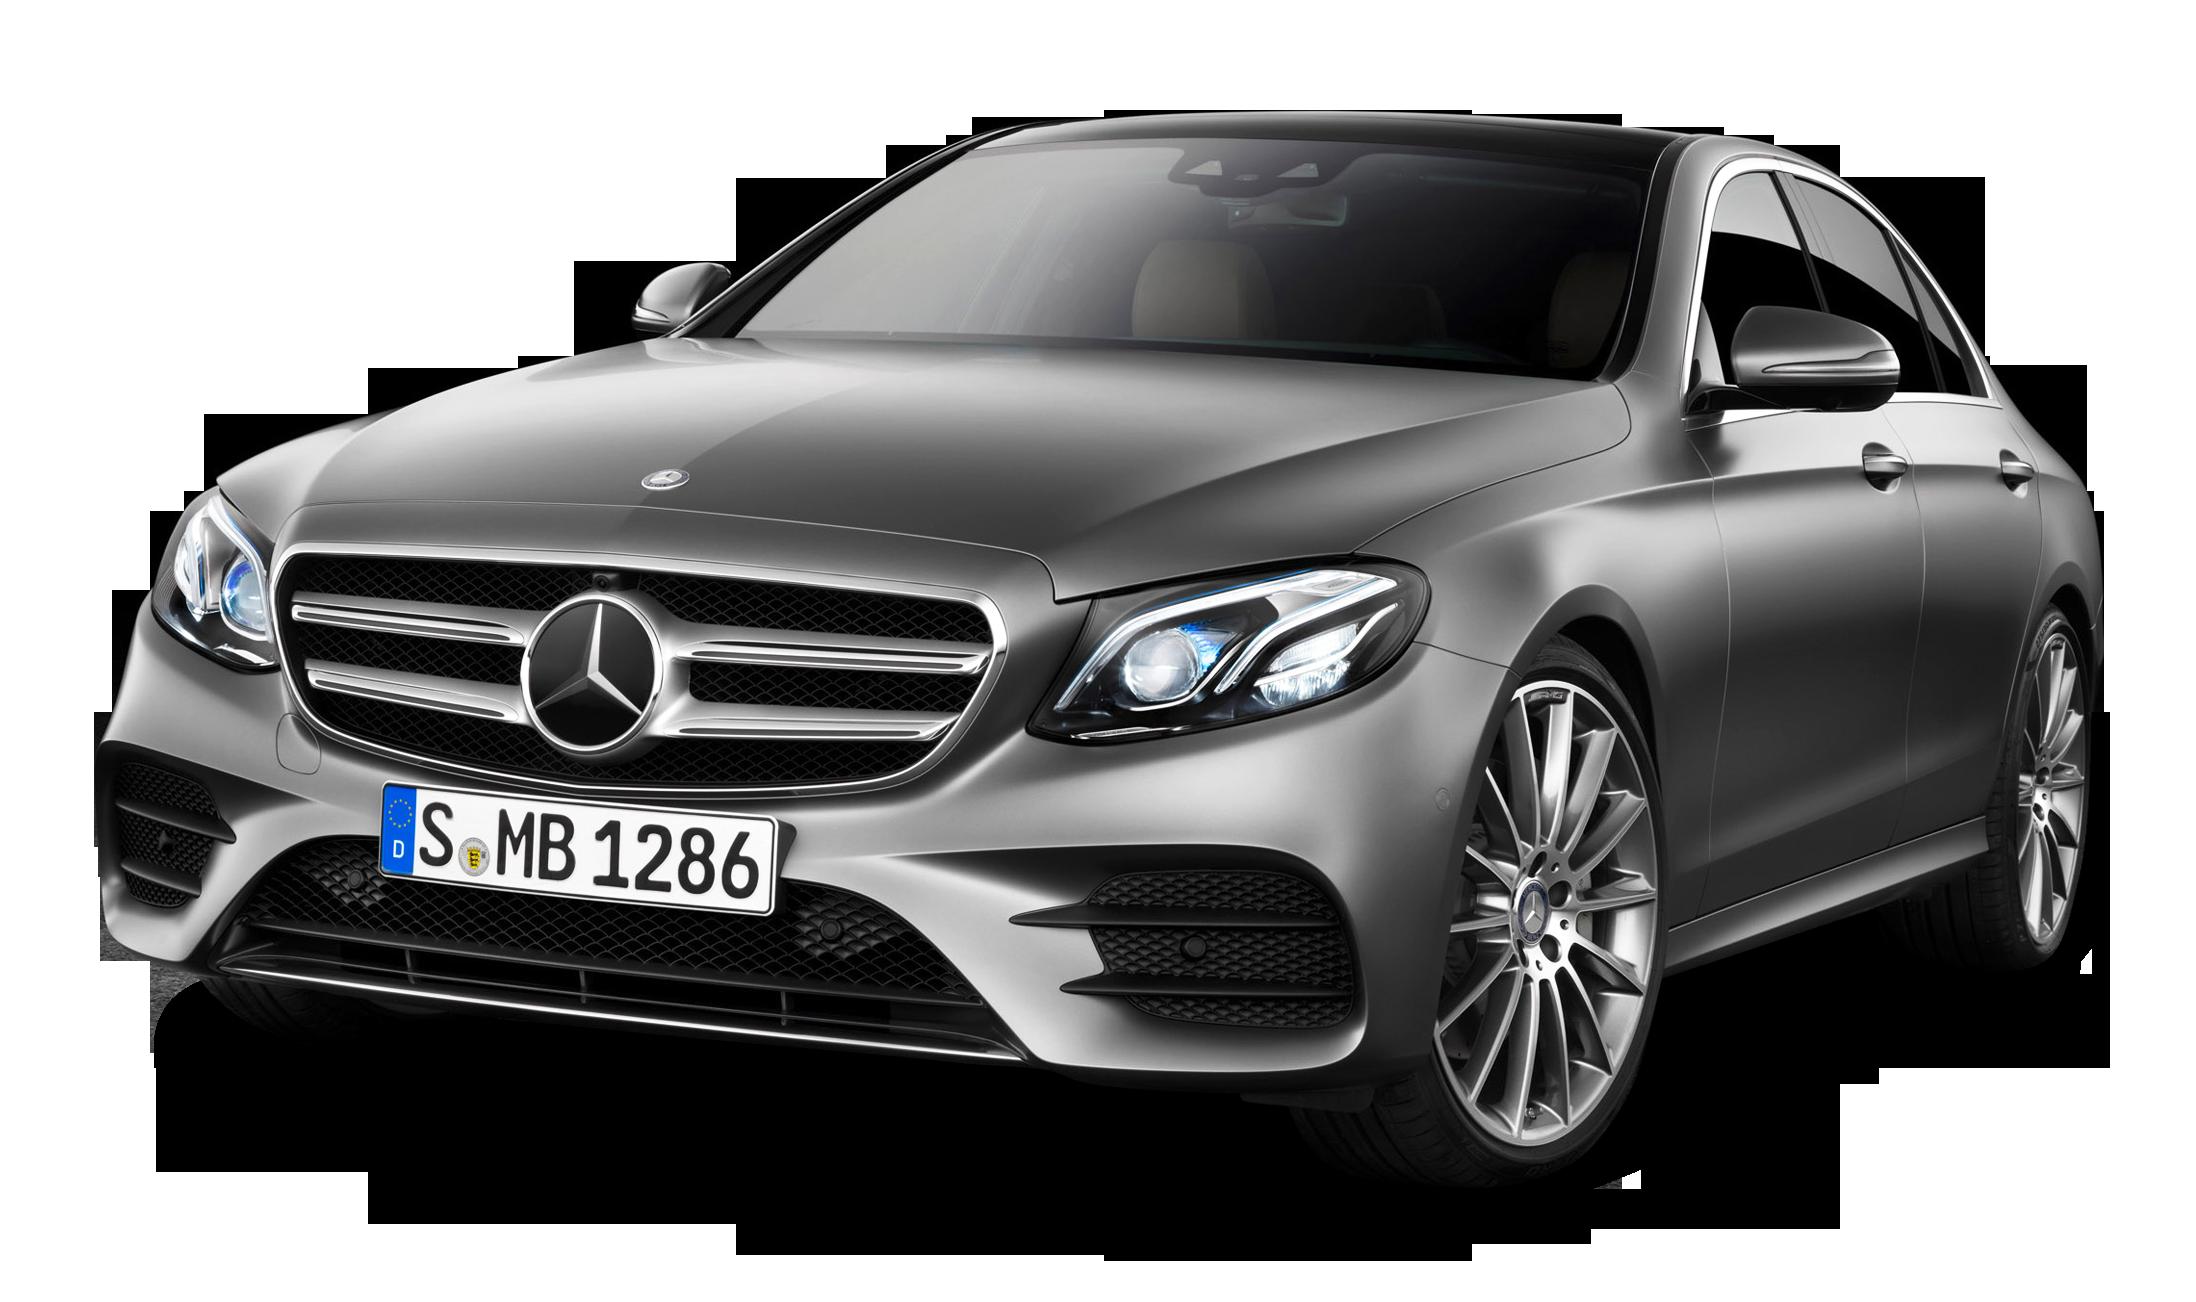 Grey Mercedes Benz E class Car PNG Image.